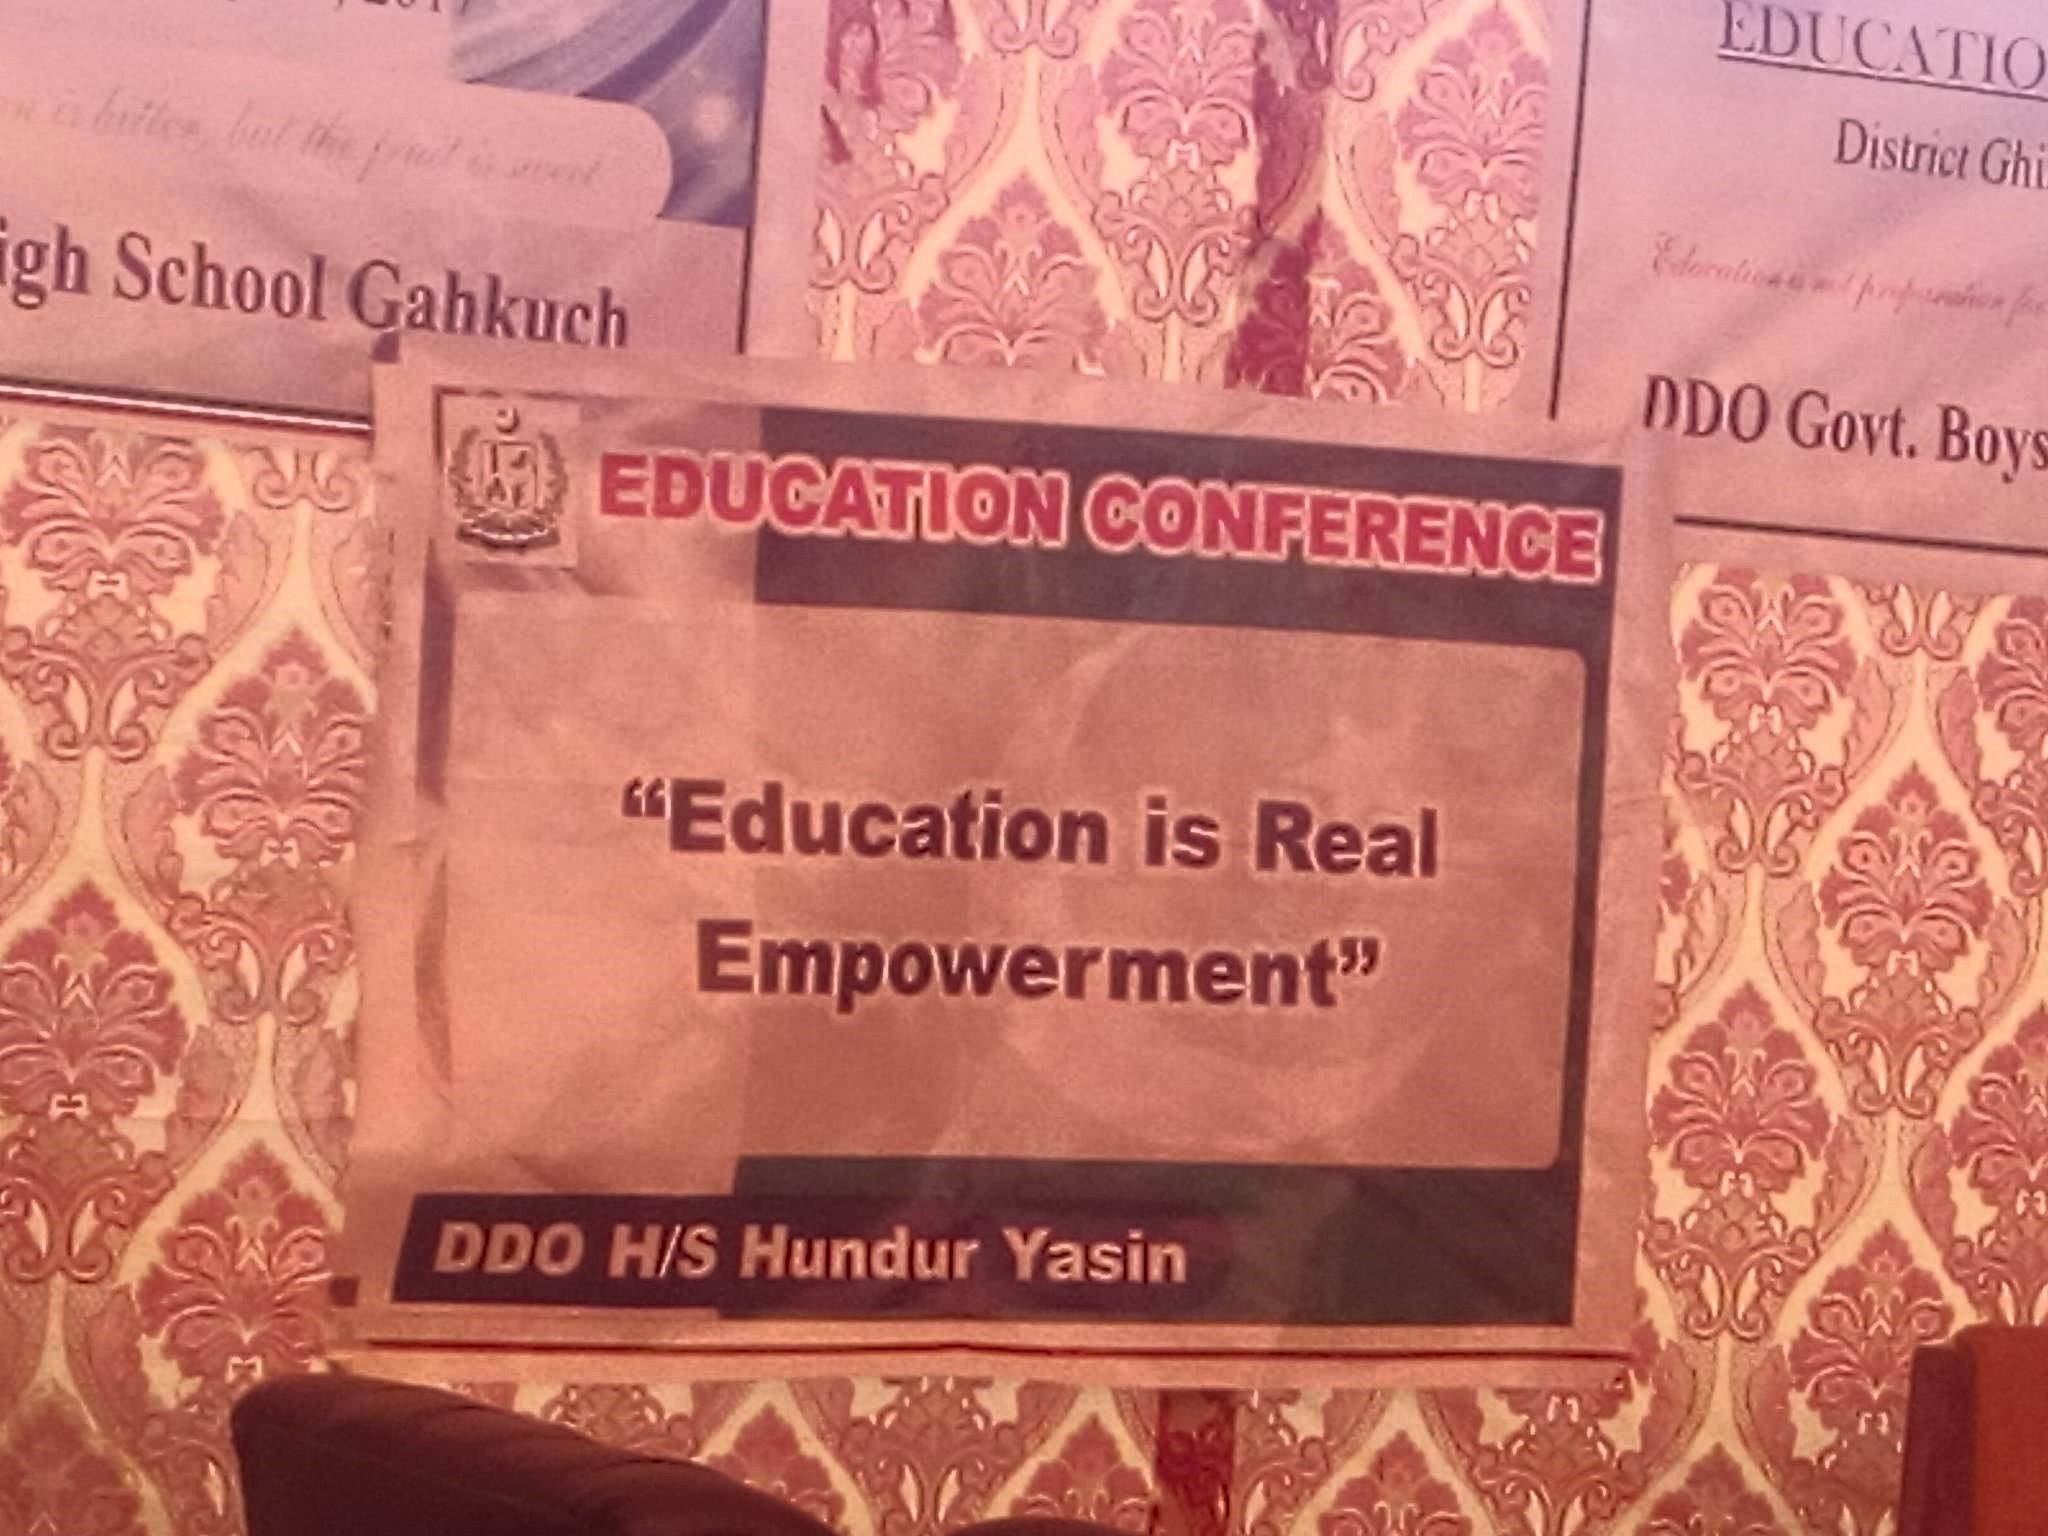 غذر میں پہلی تاریخ ساز تعلیمی کانفرنس